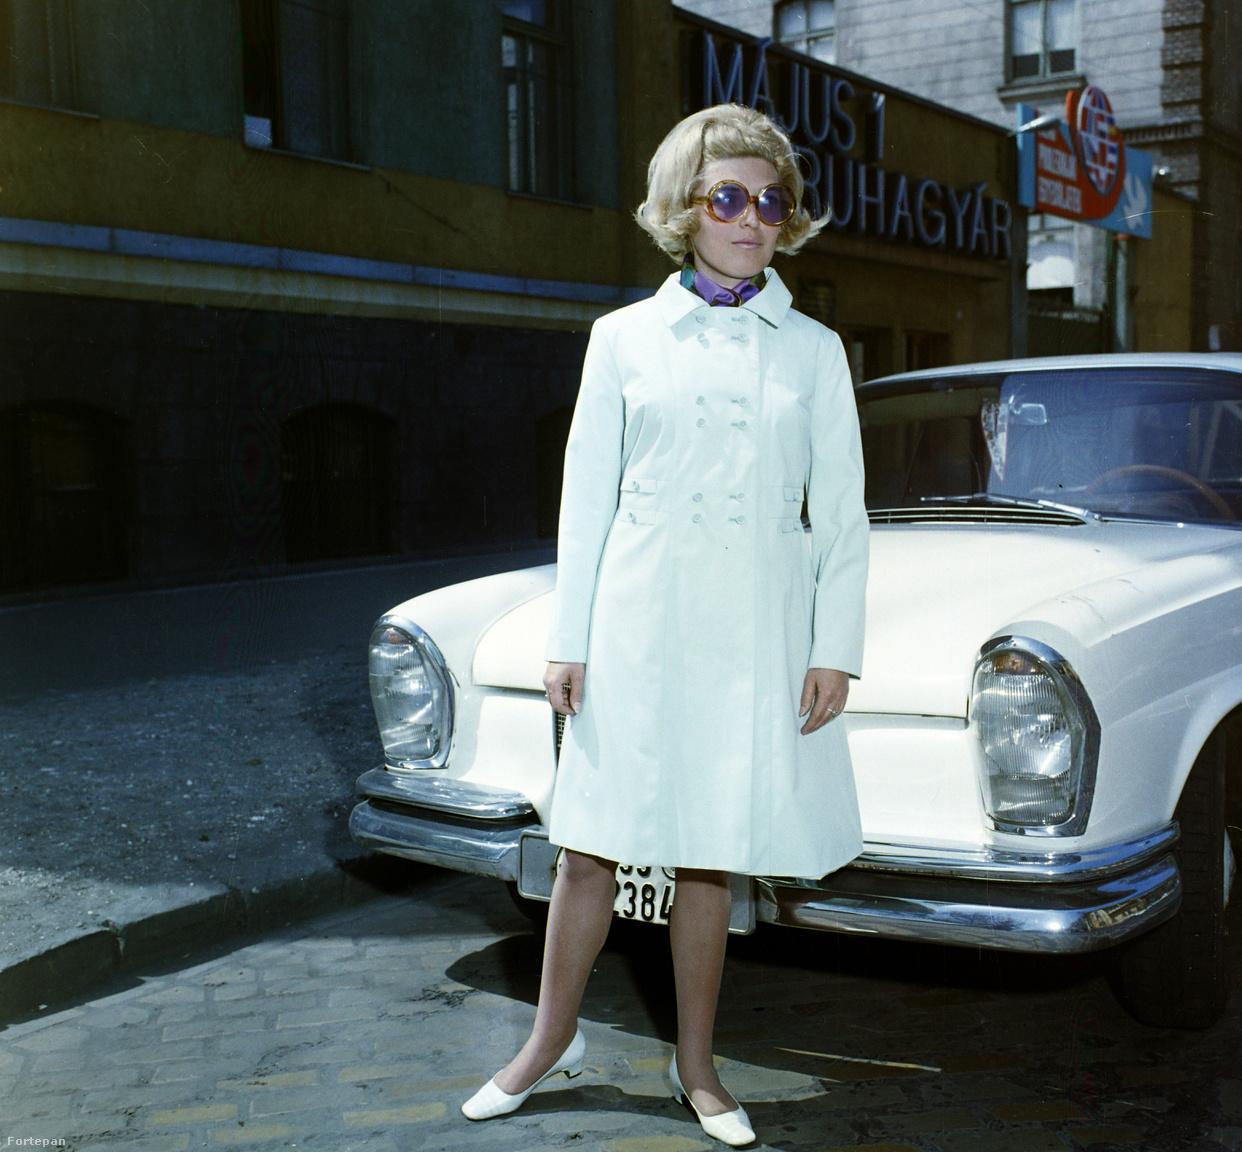 1966, Budapest, VIII kerület. Elnök utca 1., Május 1 ruhagyár előtt. Erre azért nem mondanánk, hogy jól néz ki, kár, hogy kitakarja a Mercedes logót.